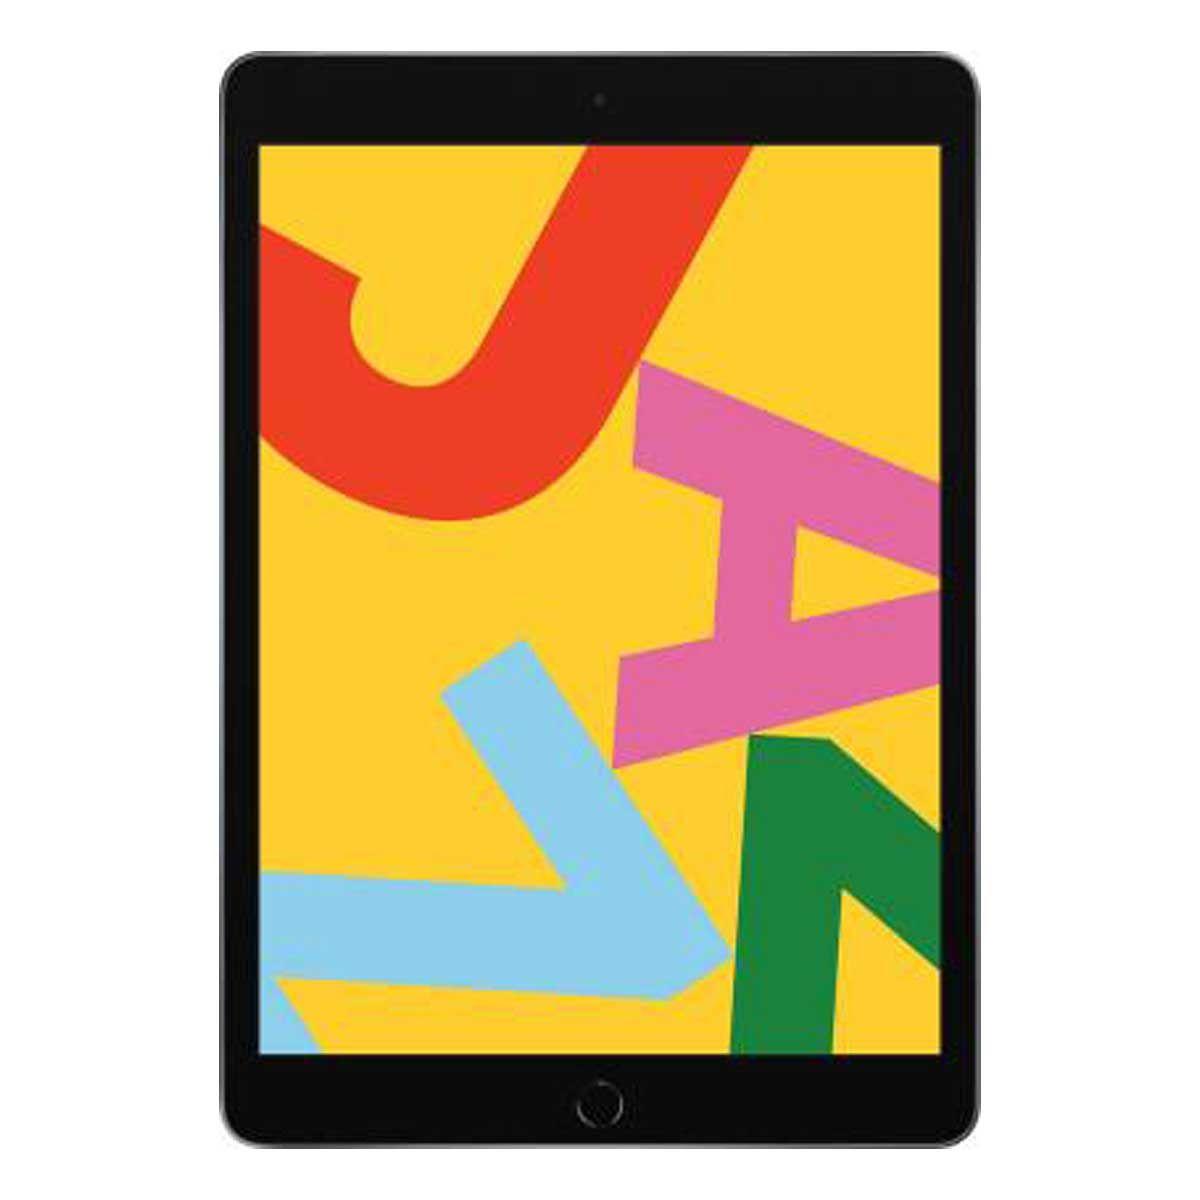 ஆப்பிள் iPad (7th Generation)